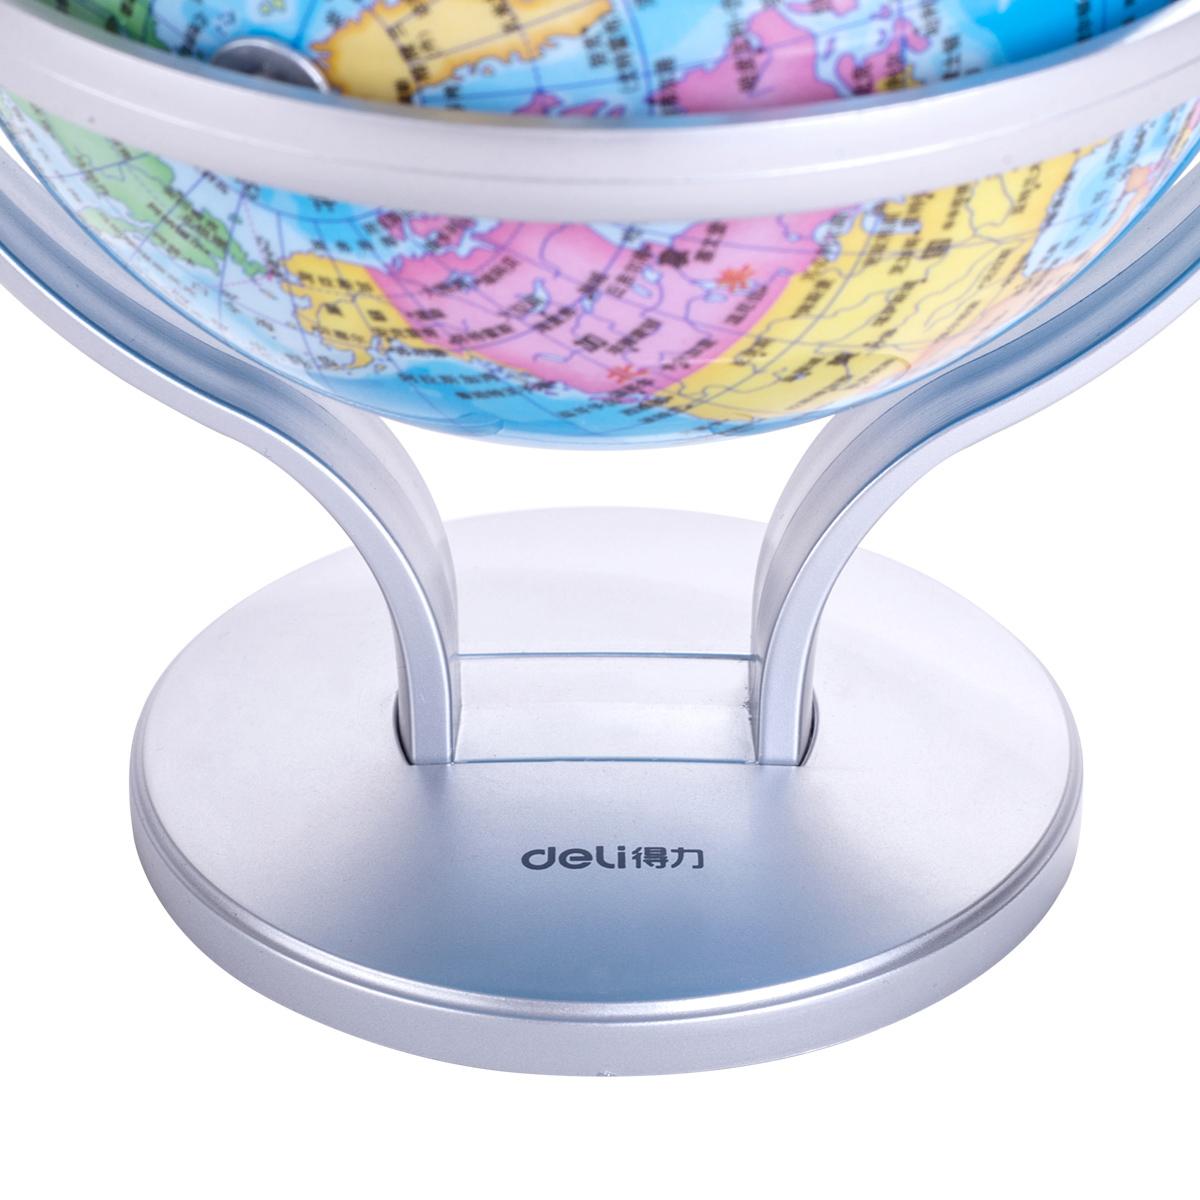 得力高清中号中国地球仪中学生用高中生小学生世界地图仪球教学摆件专用大号20cm儿童初中生玩具万向地形家具